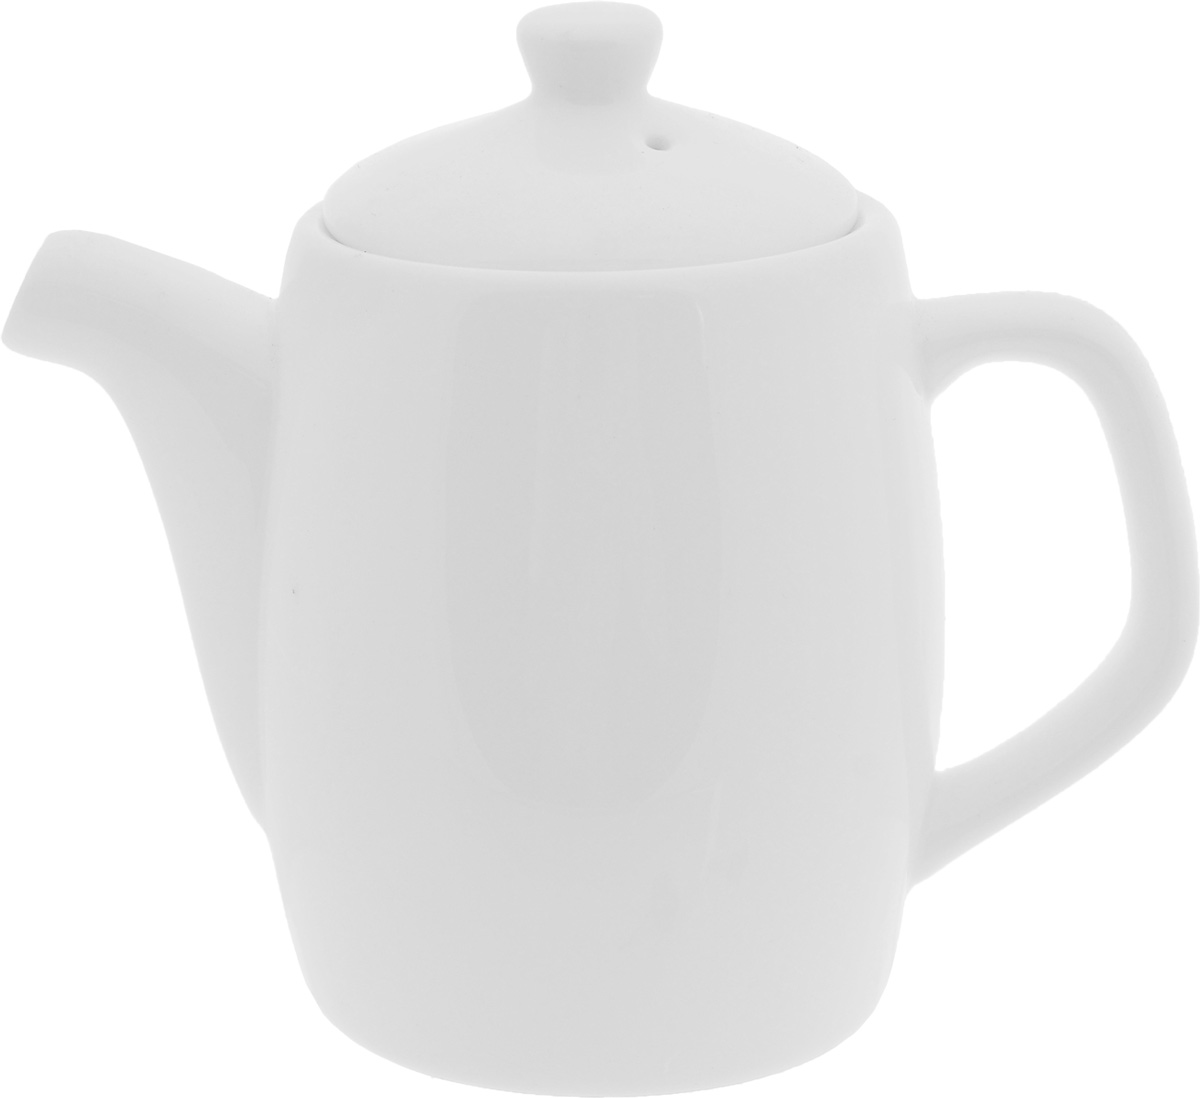 Чайник заварочный Wilmax, 350 мл115510Заварочный чайник Wilmax изготовлен из высококачественного фарфора. Глазурованное покрытие обеспечивает легкую очистку. Изделие прекрасно подходит для заваривания вкусного и ароматного чая, а также травяных настоев. Ситечко в основании носика препятствует попаданию чаинок в чашку. Оригинальный дизайн сделает чайник настоящим украшением стола. Он удобен в использовании и понравится каждому.Можно мыть в посудомоечной машине и использовать в микроволновой печи. Диаметр чайника (по верхнему краю): 7 см. Высота чайника (без учета крышки): 10 см.